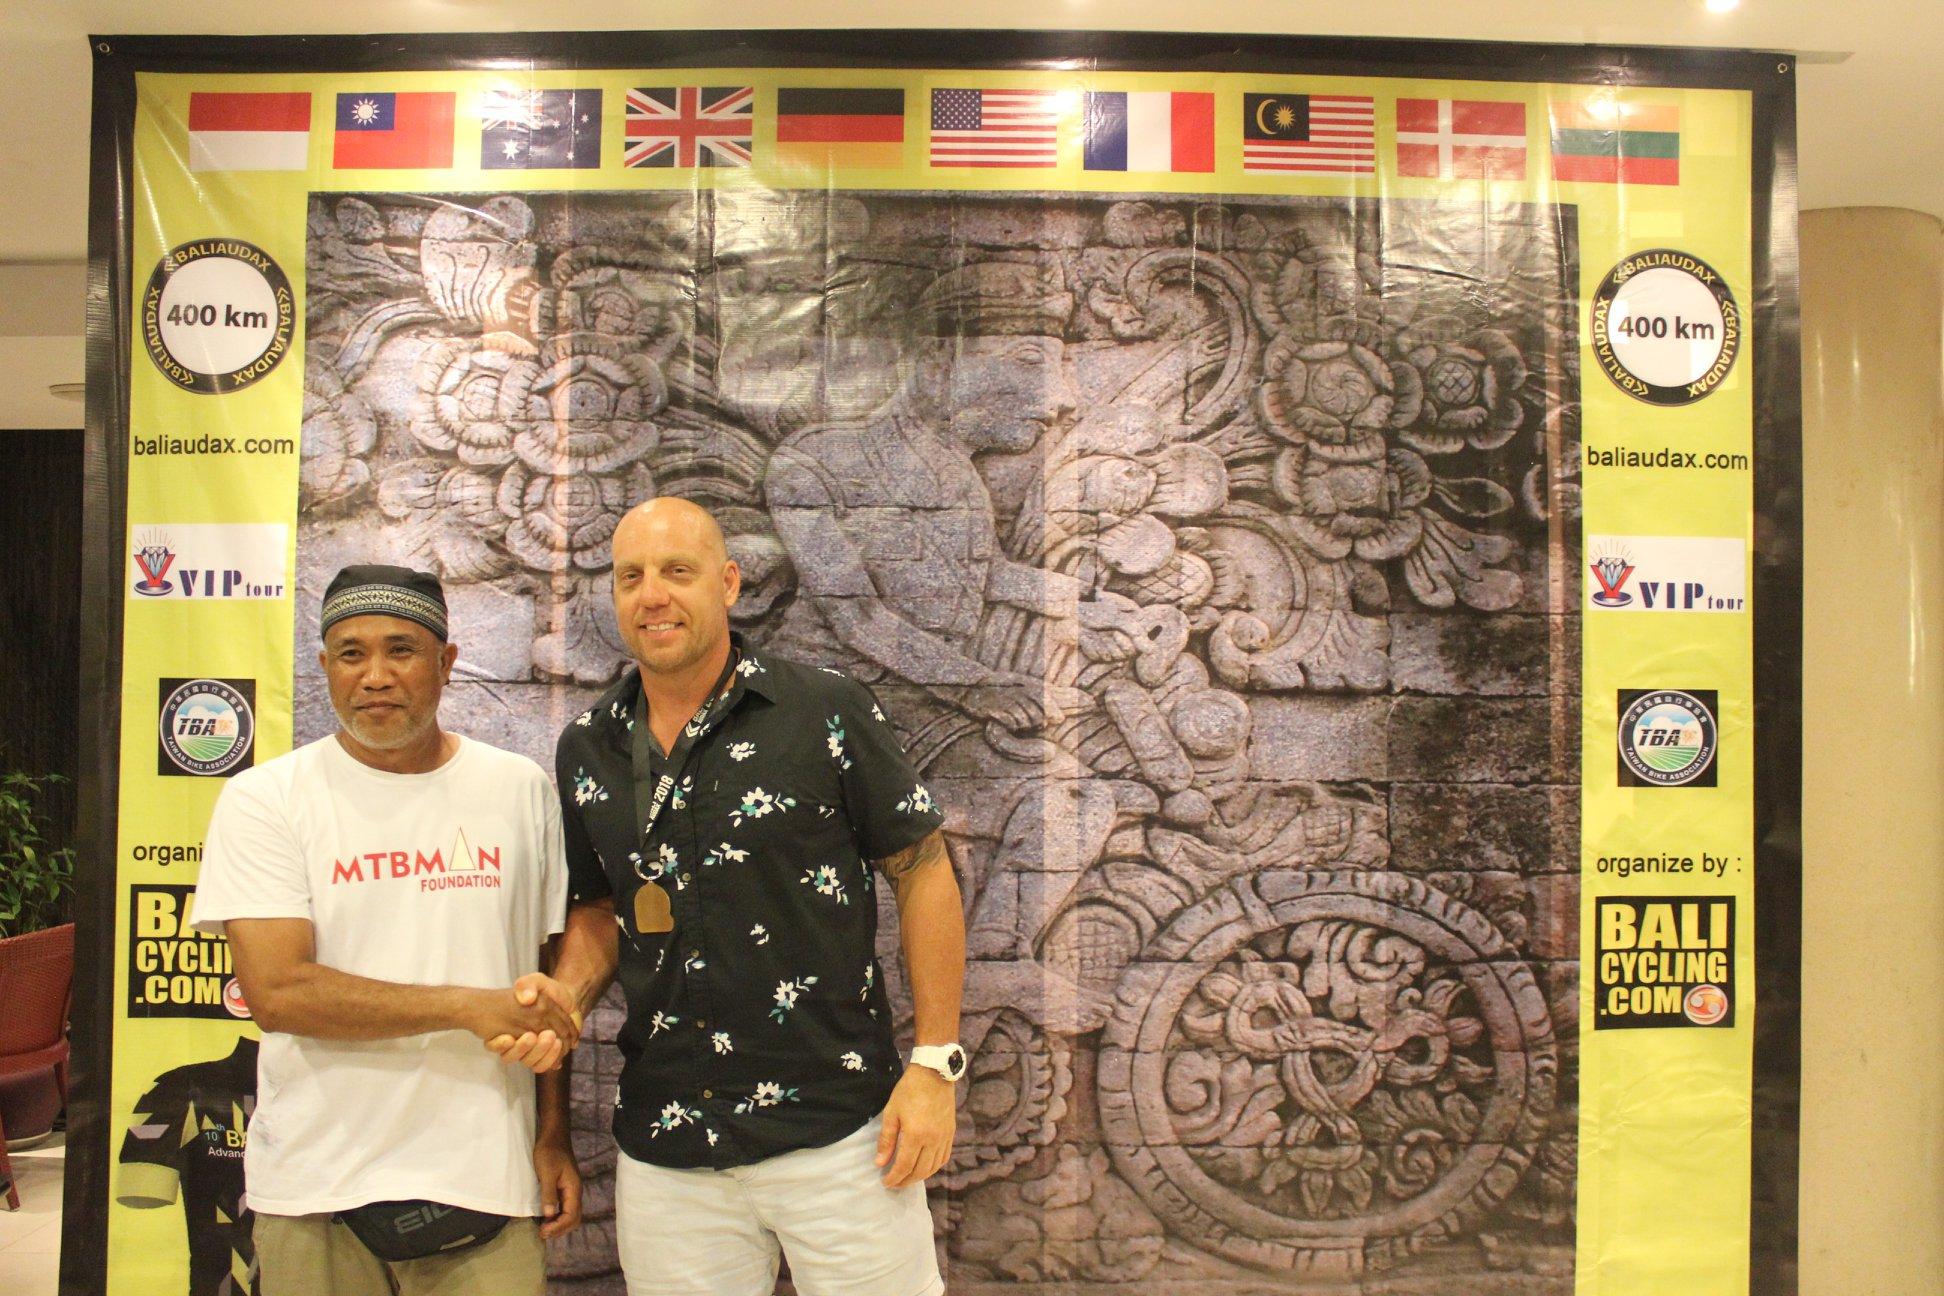 Bali Aidax 2018 day 2 (31)